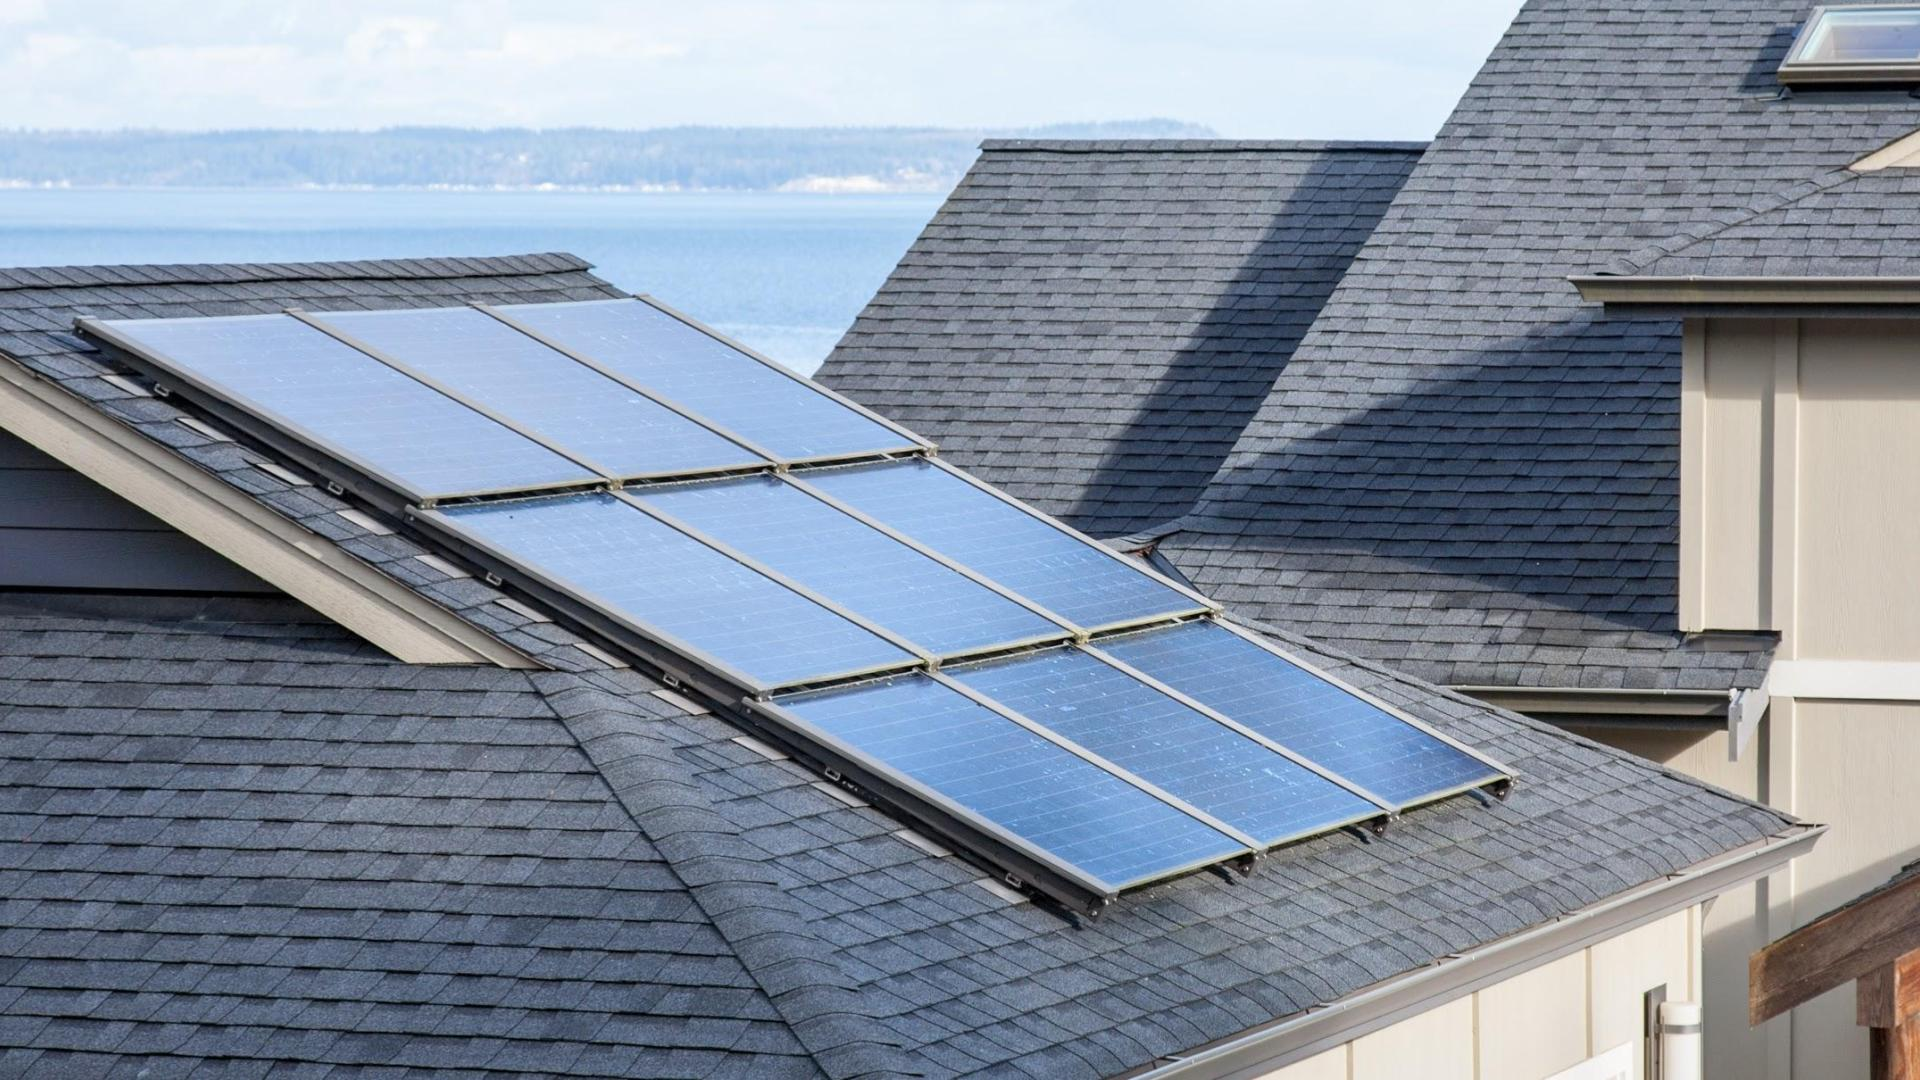 Dépannage d'une installation solaire